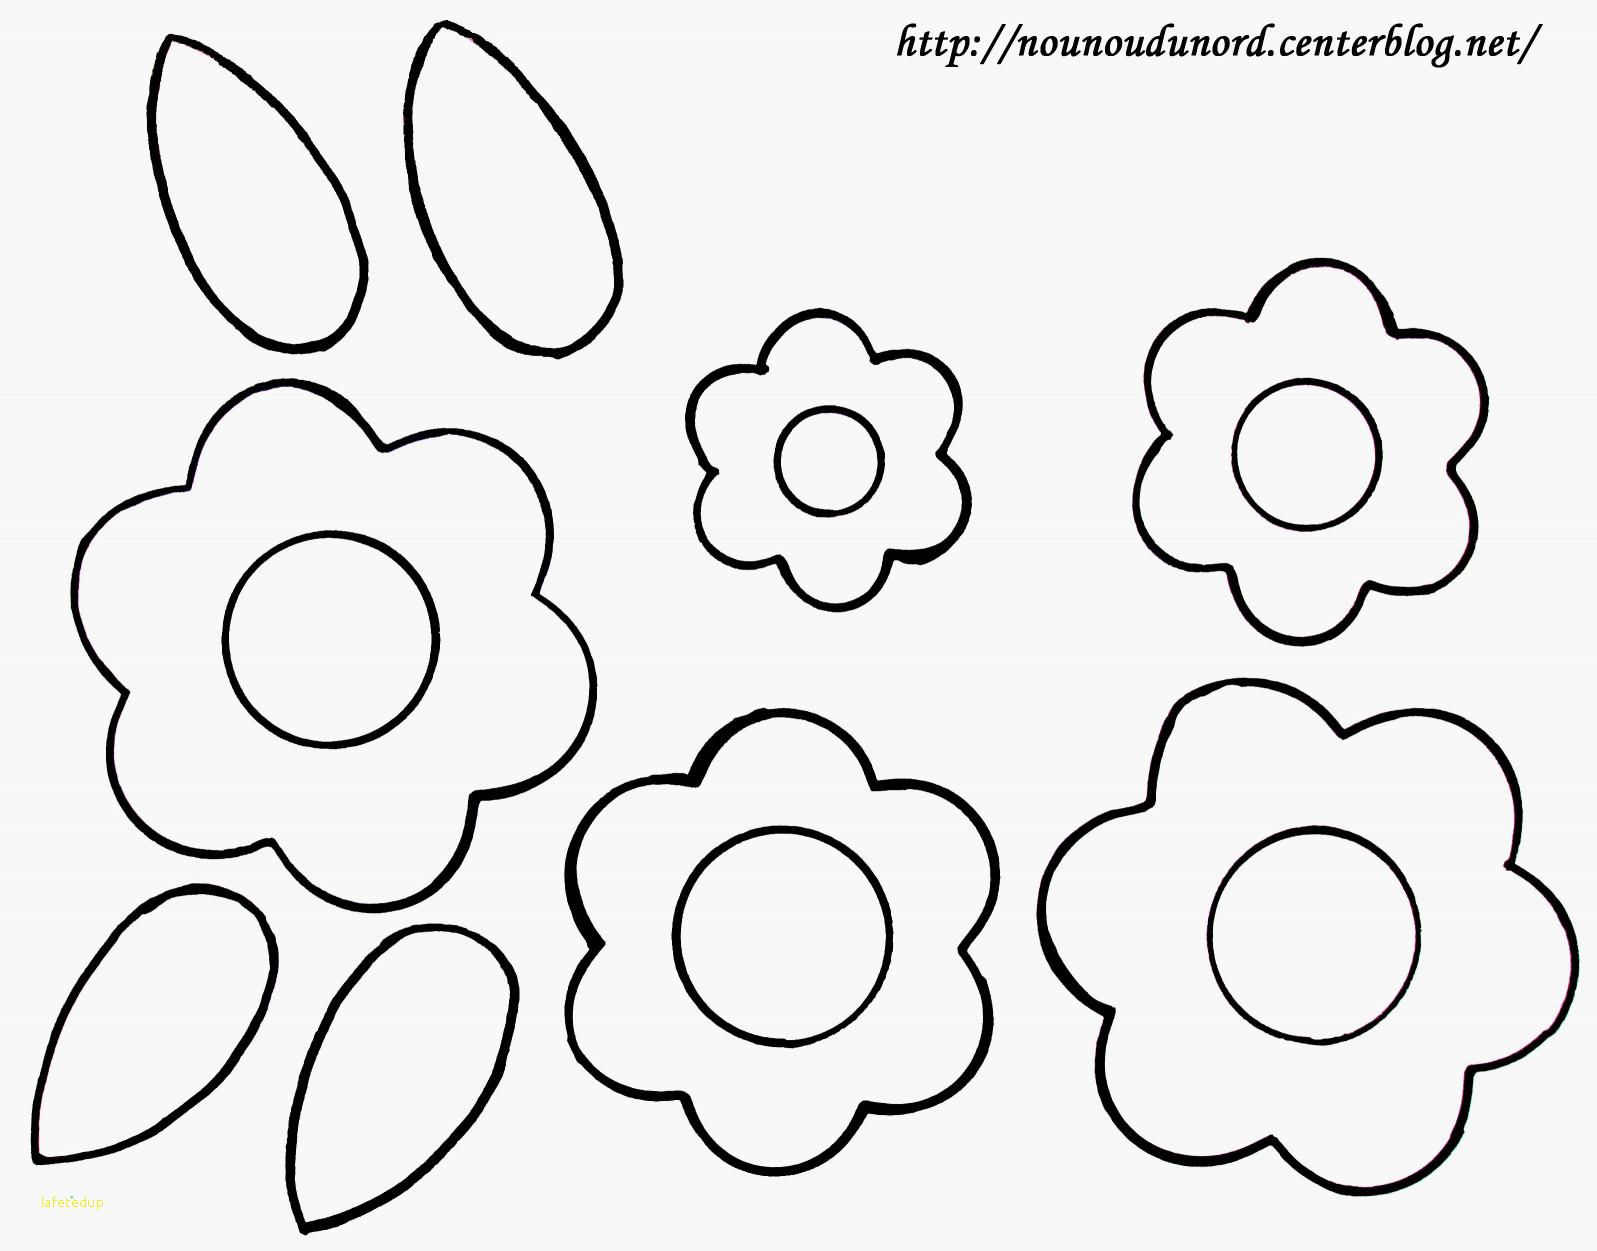 Coloriages À Imprimer : Fleurs, Numéro : 36E2E1F5 concernant Colorino A Imprimer